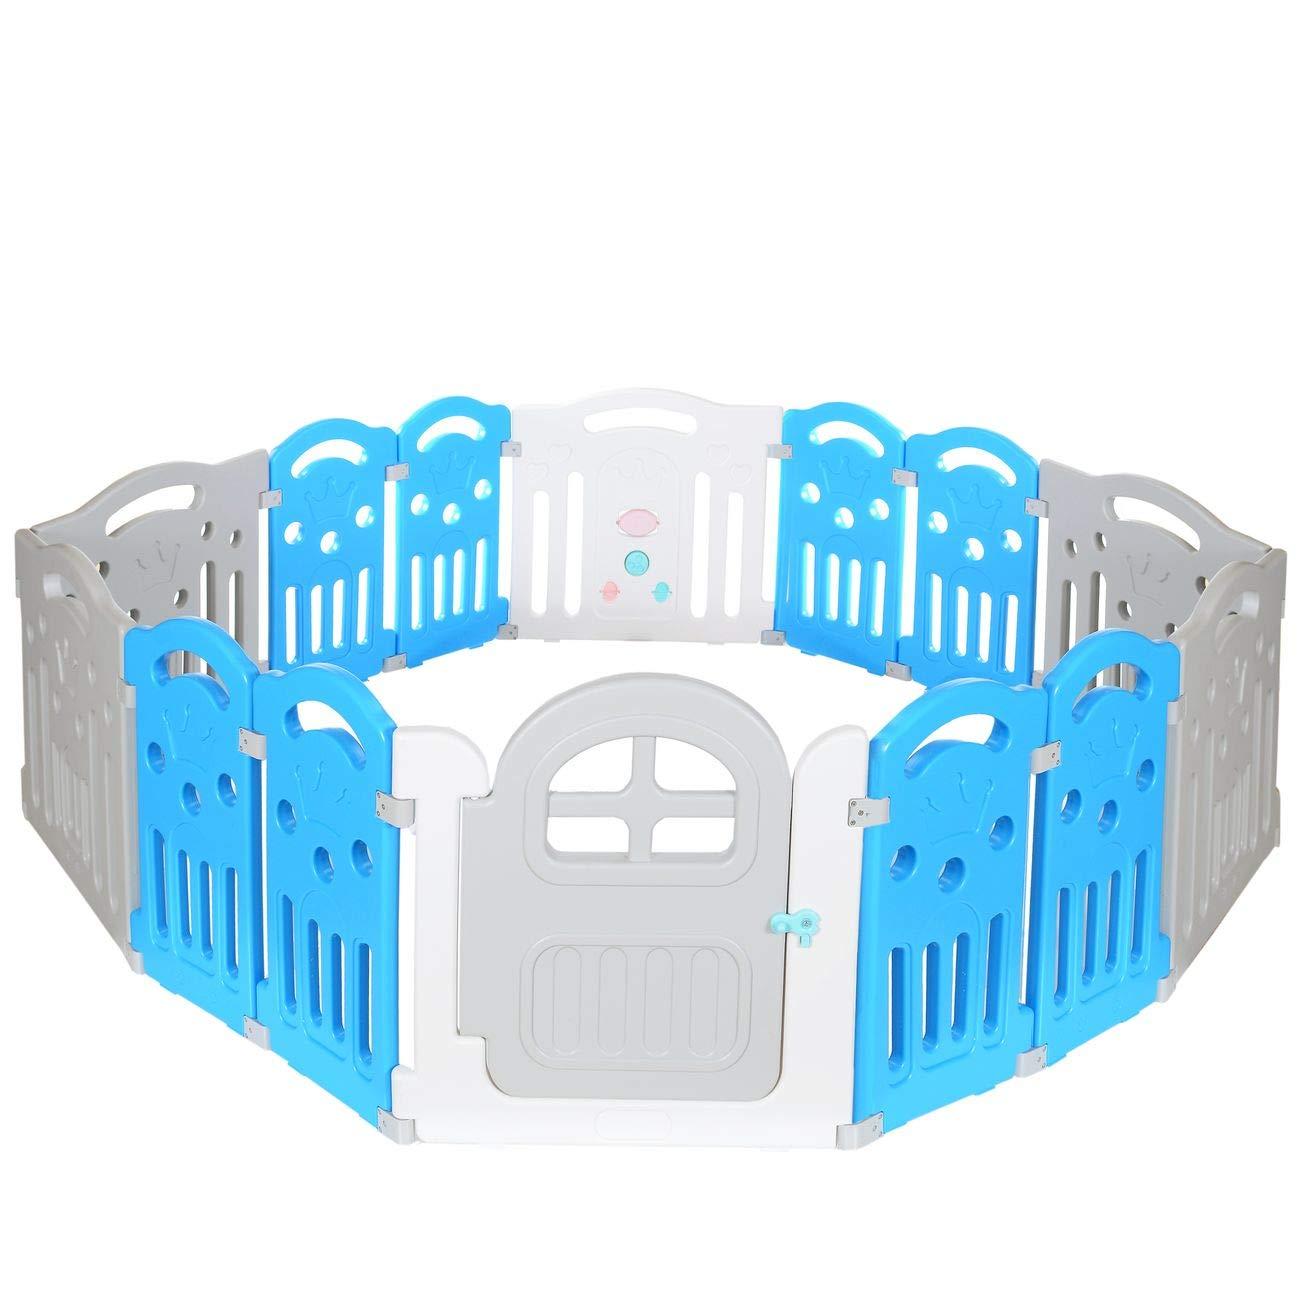 LCP Kids Corral XL Parque de juegos infantil con gran elemento con integrados Juguetes/bebé barrera de seguridad - EN 71 certificado 534